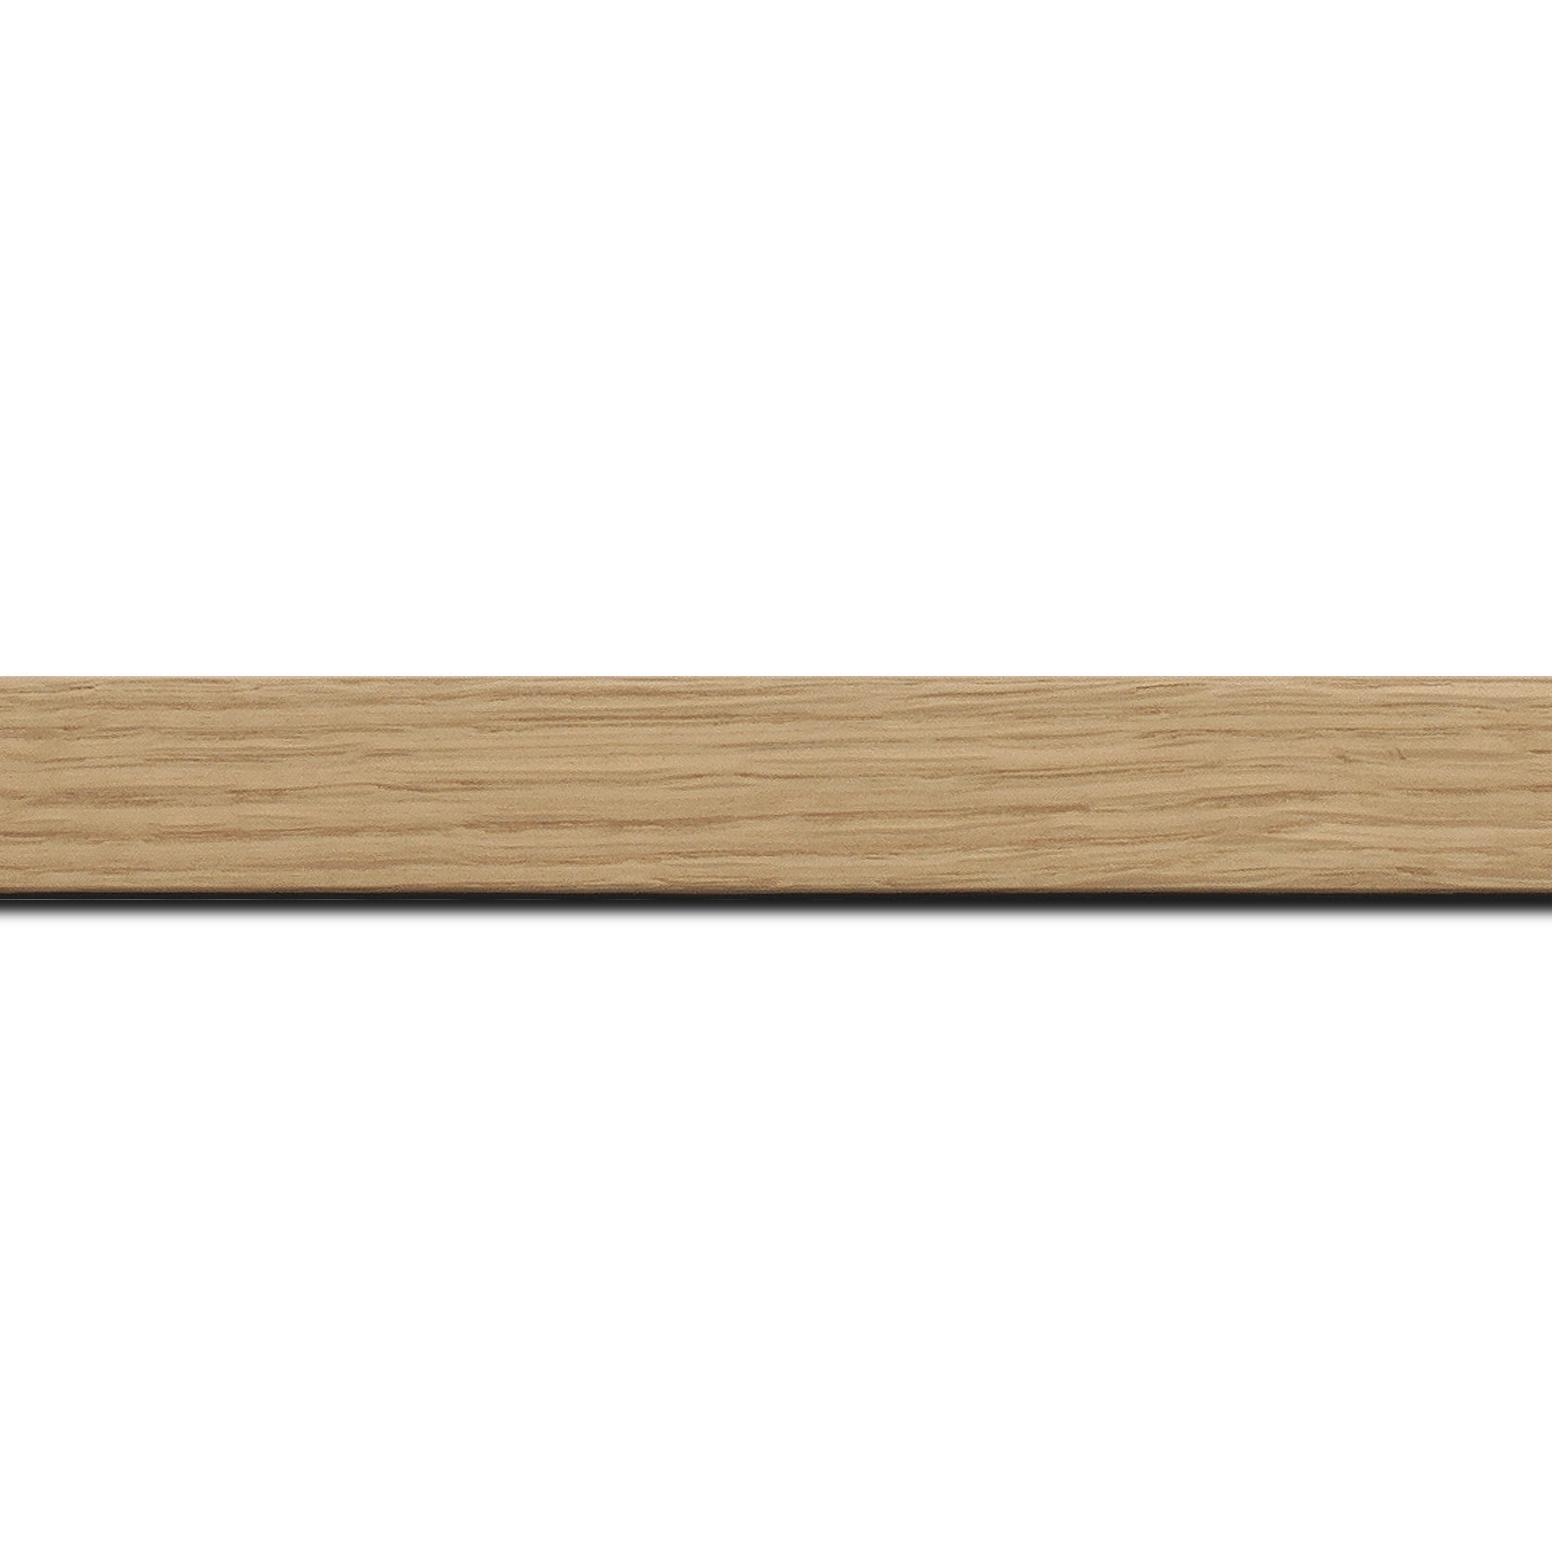 Baguette longueur 1.40m bois profil plat largeur 2.5cm plaquage haut de gamme chêne naturel